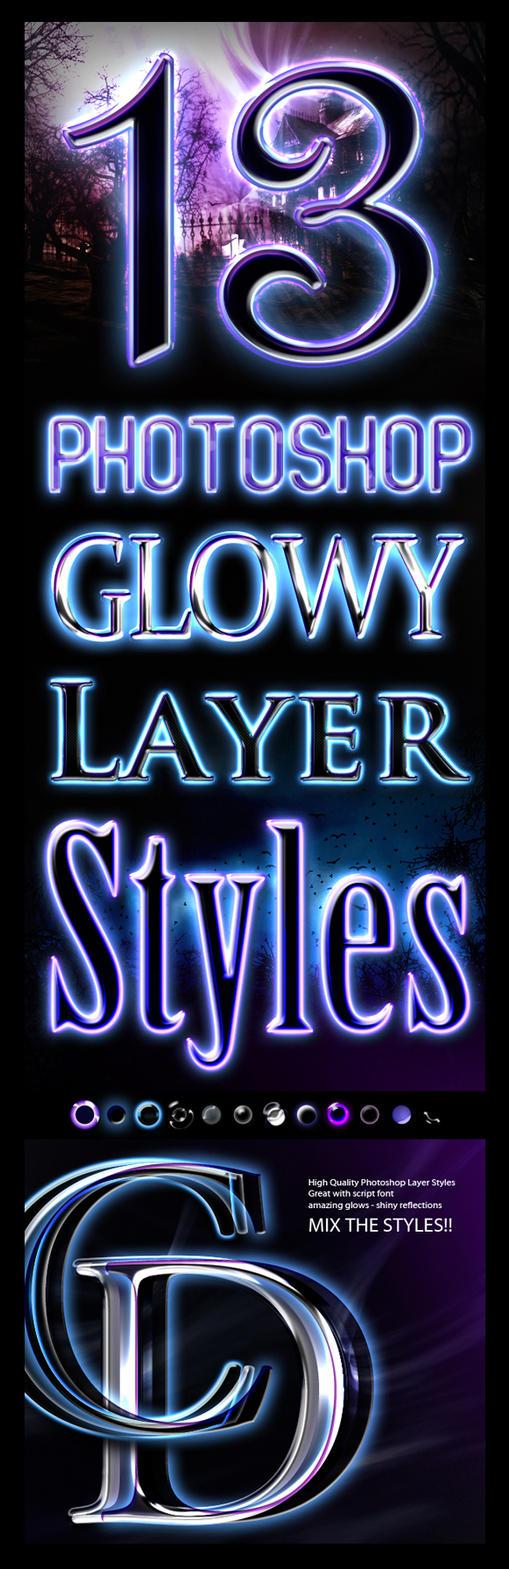 Free Glowy Photoshop Styles by Giallo86